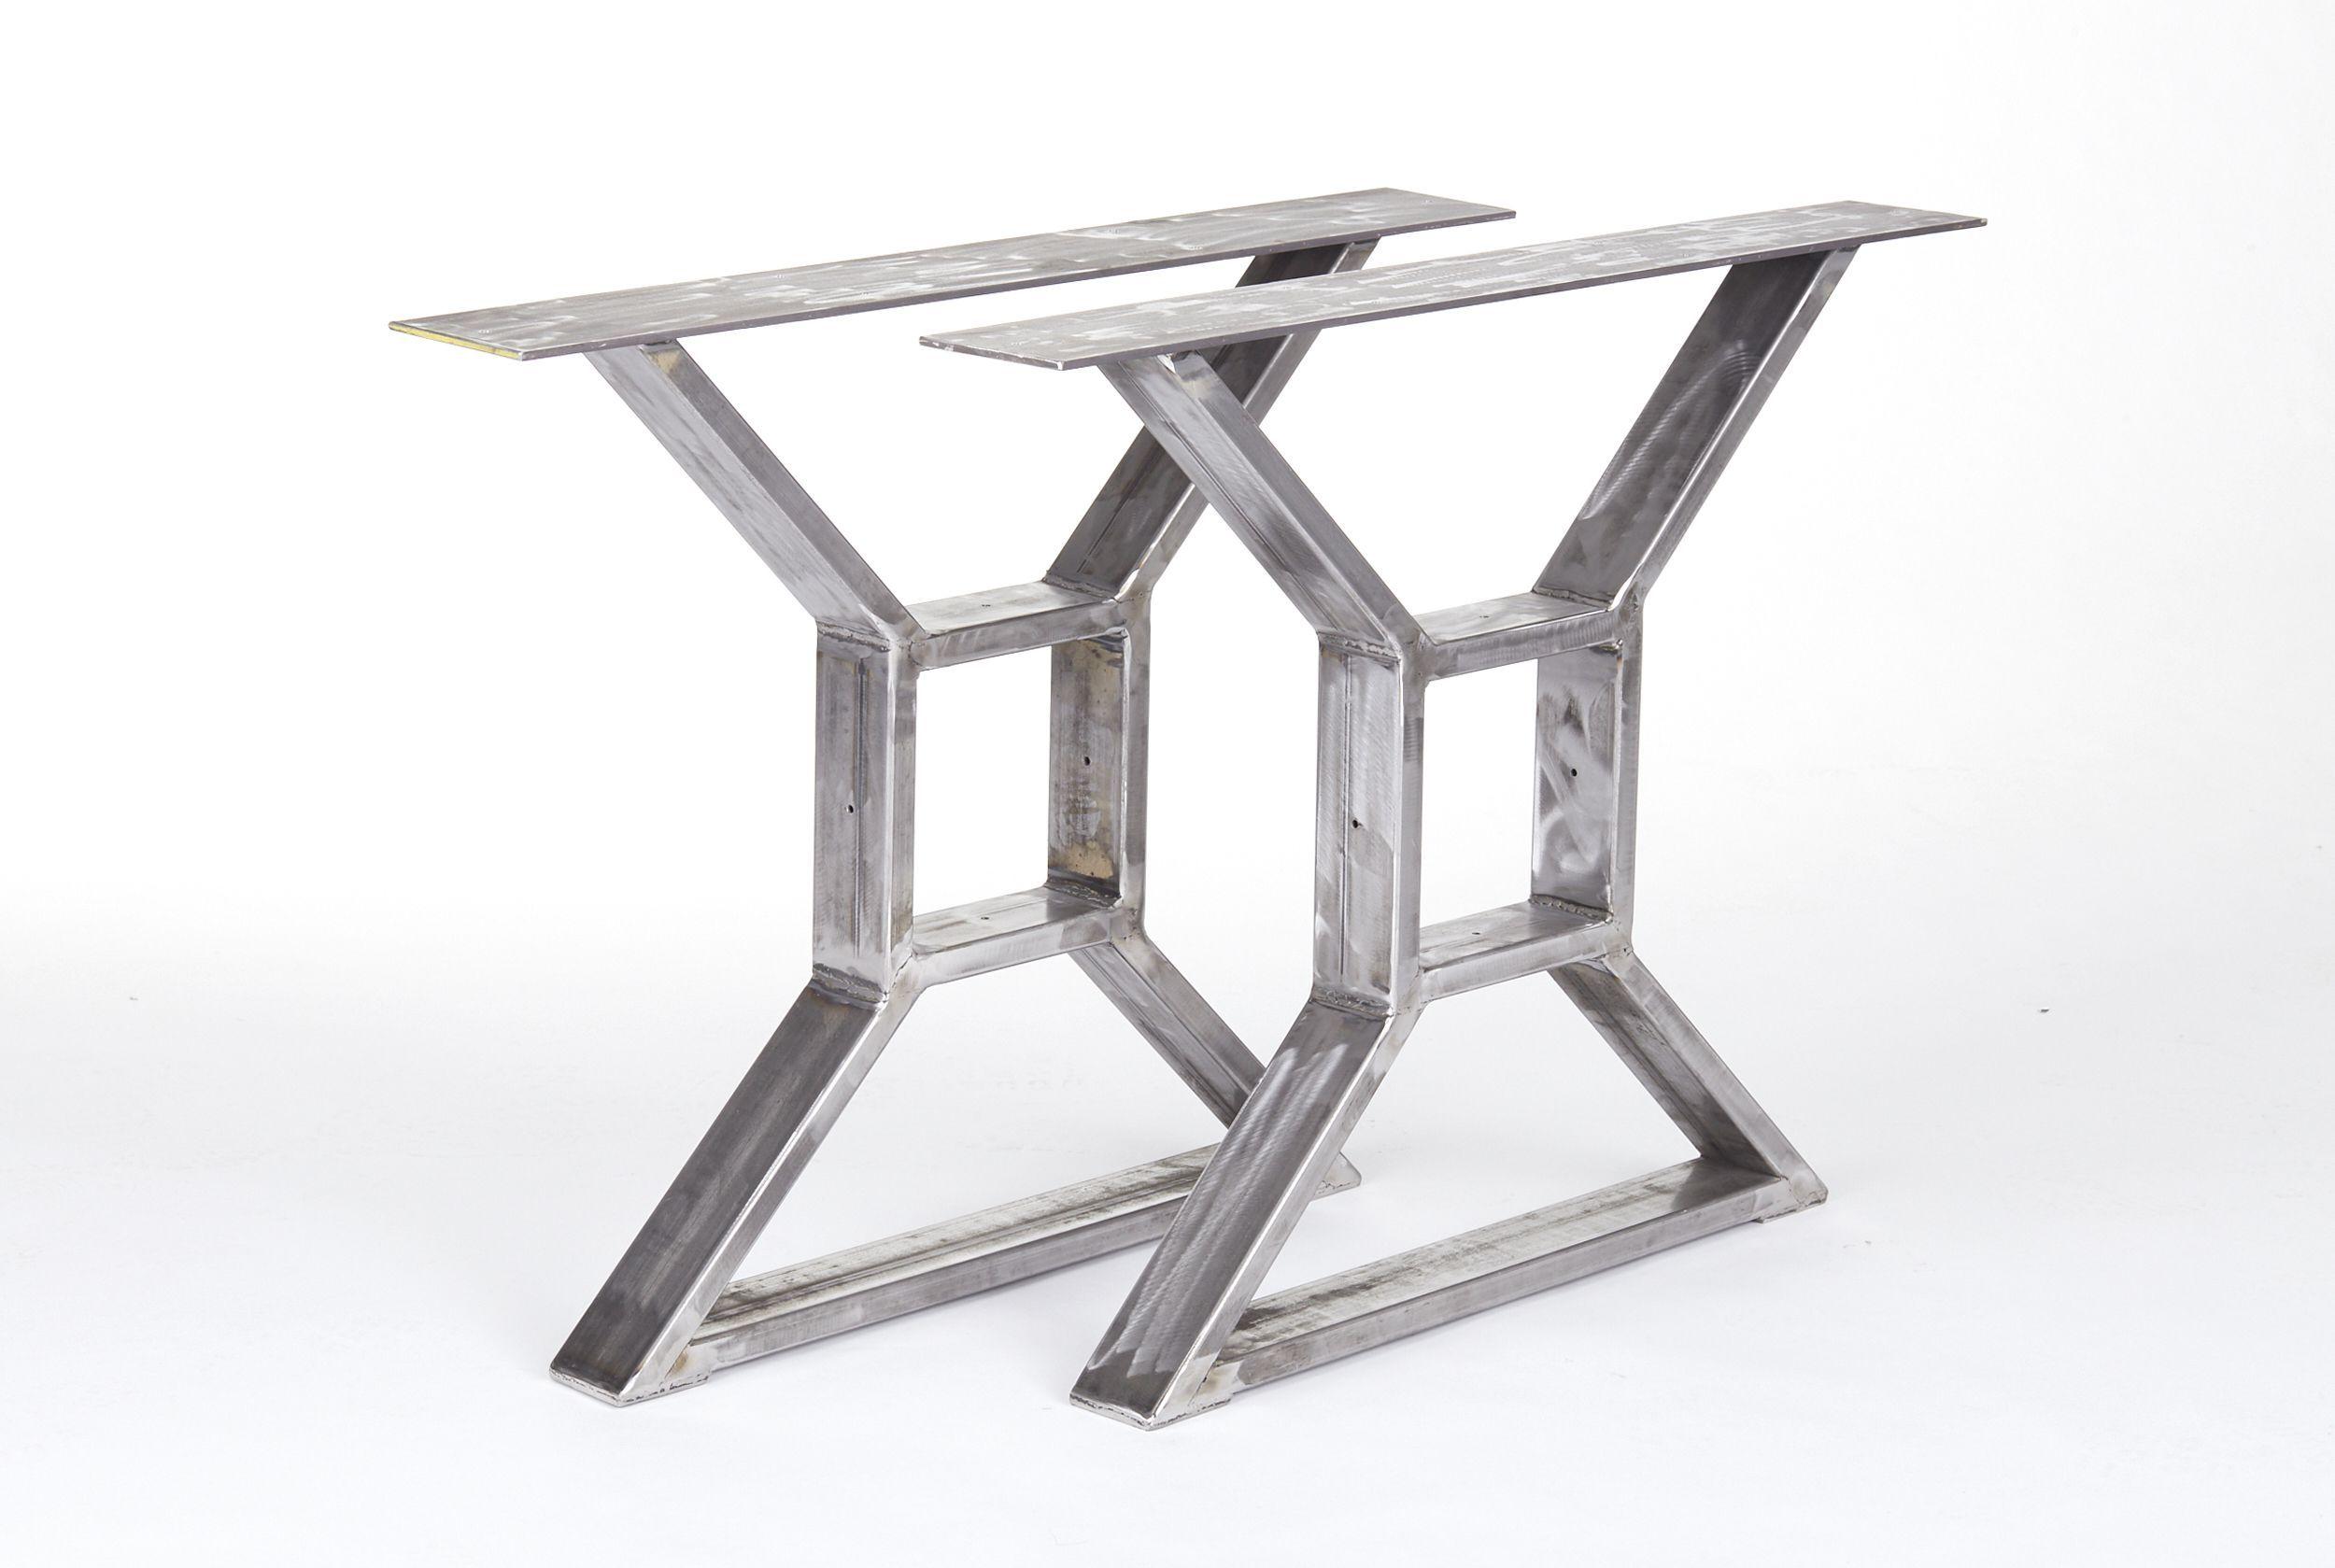 Custom Made Industrial Steel X Table Legs | Industrial ...